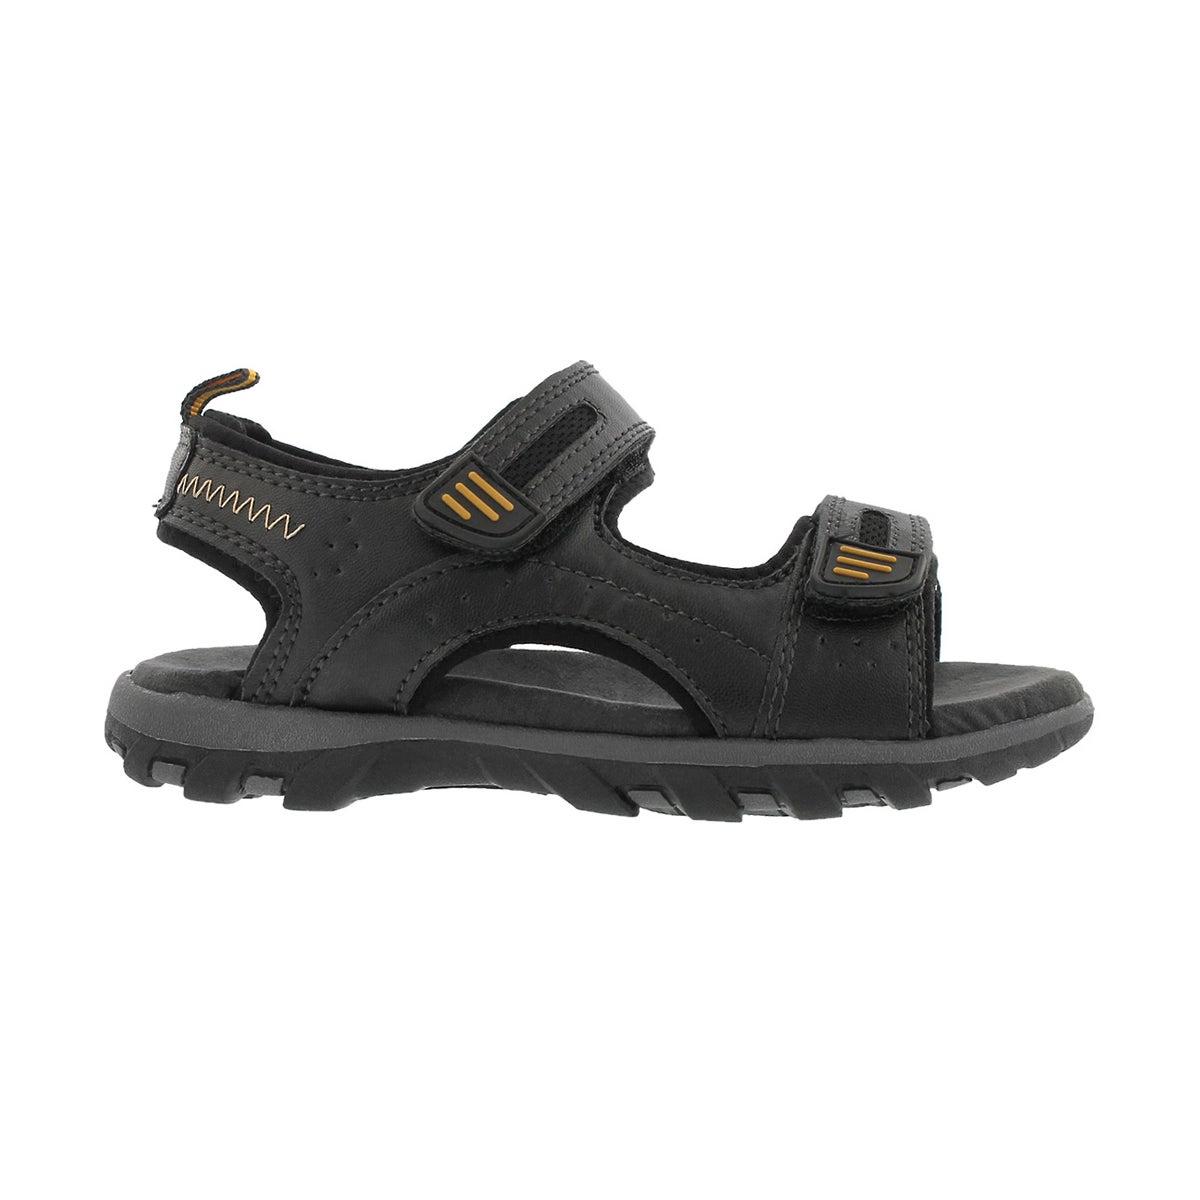 Bys Emmett 2 black 2 strap sport sandal